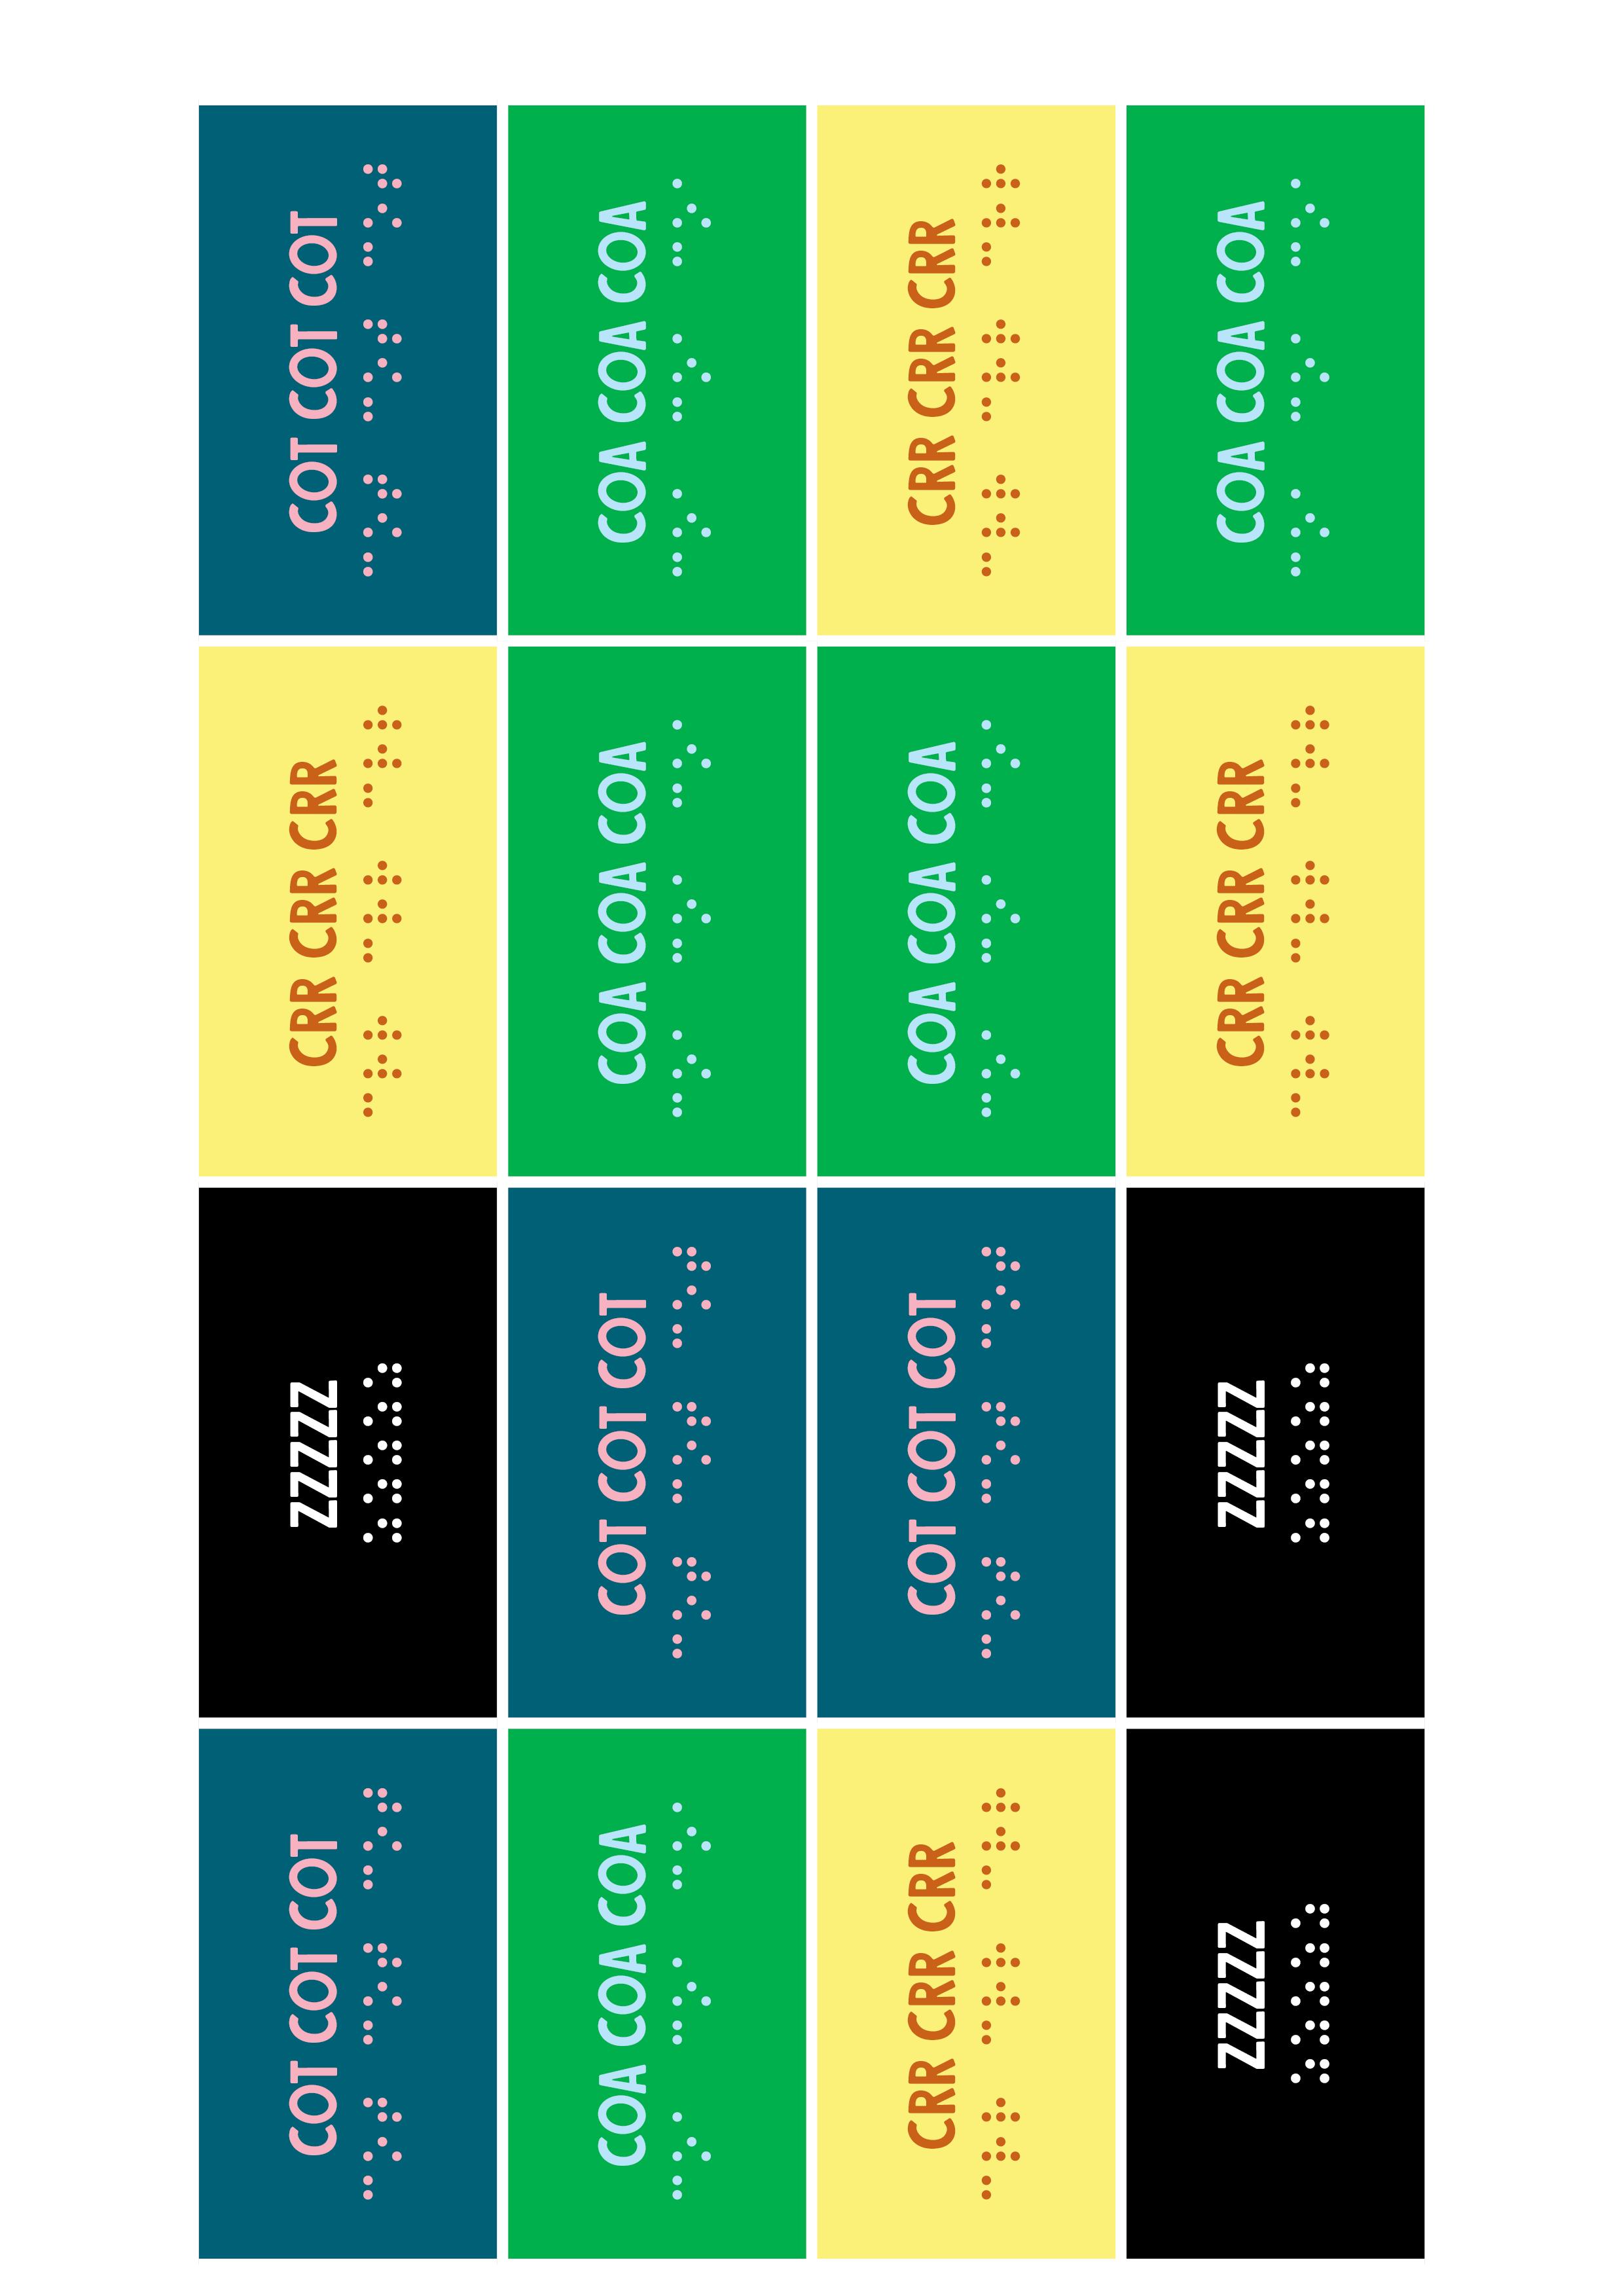 tableau de loto 3